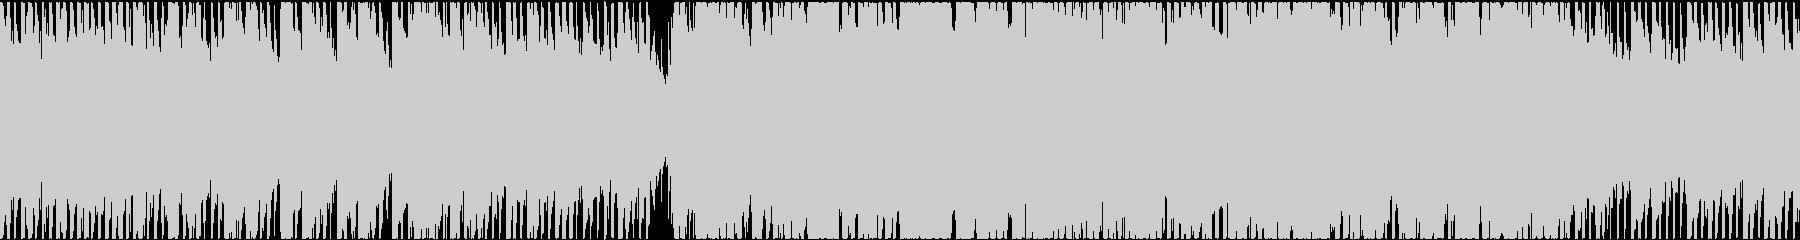 60秒のアナログシンセ 爽やか ループの未再生の波形